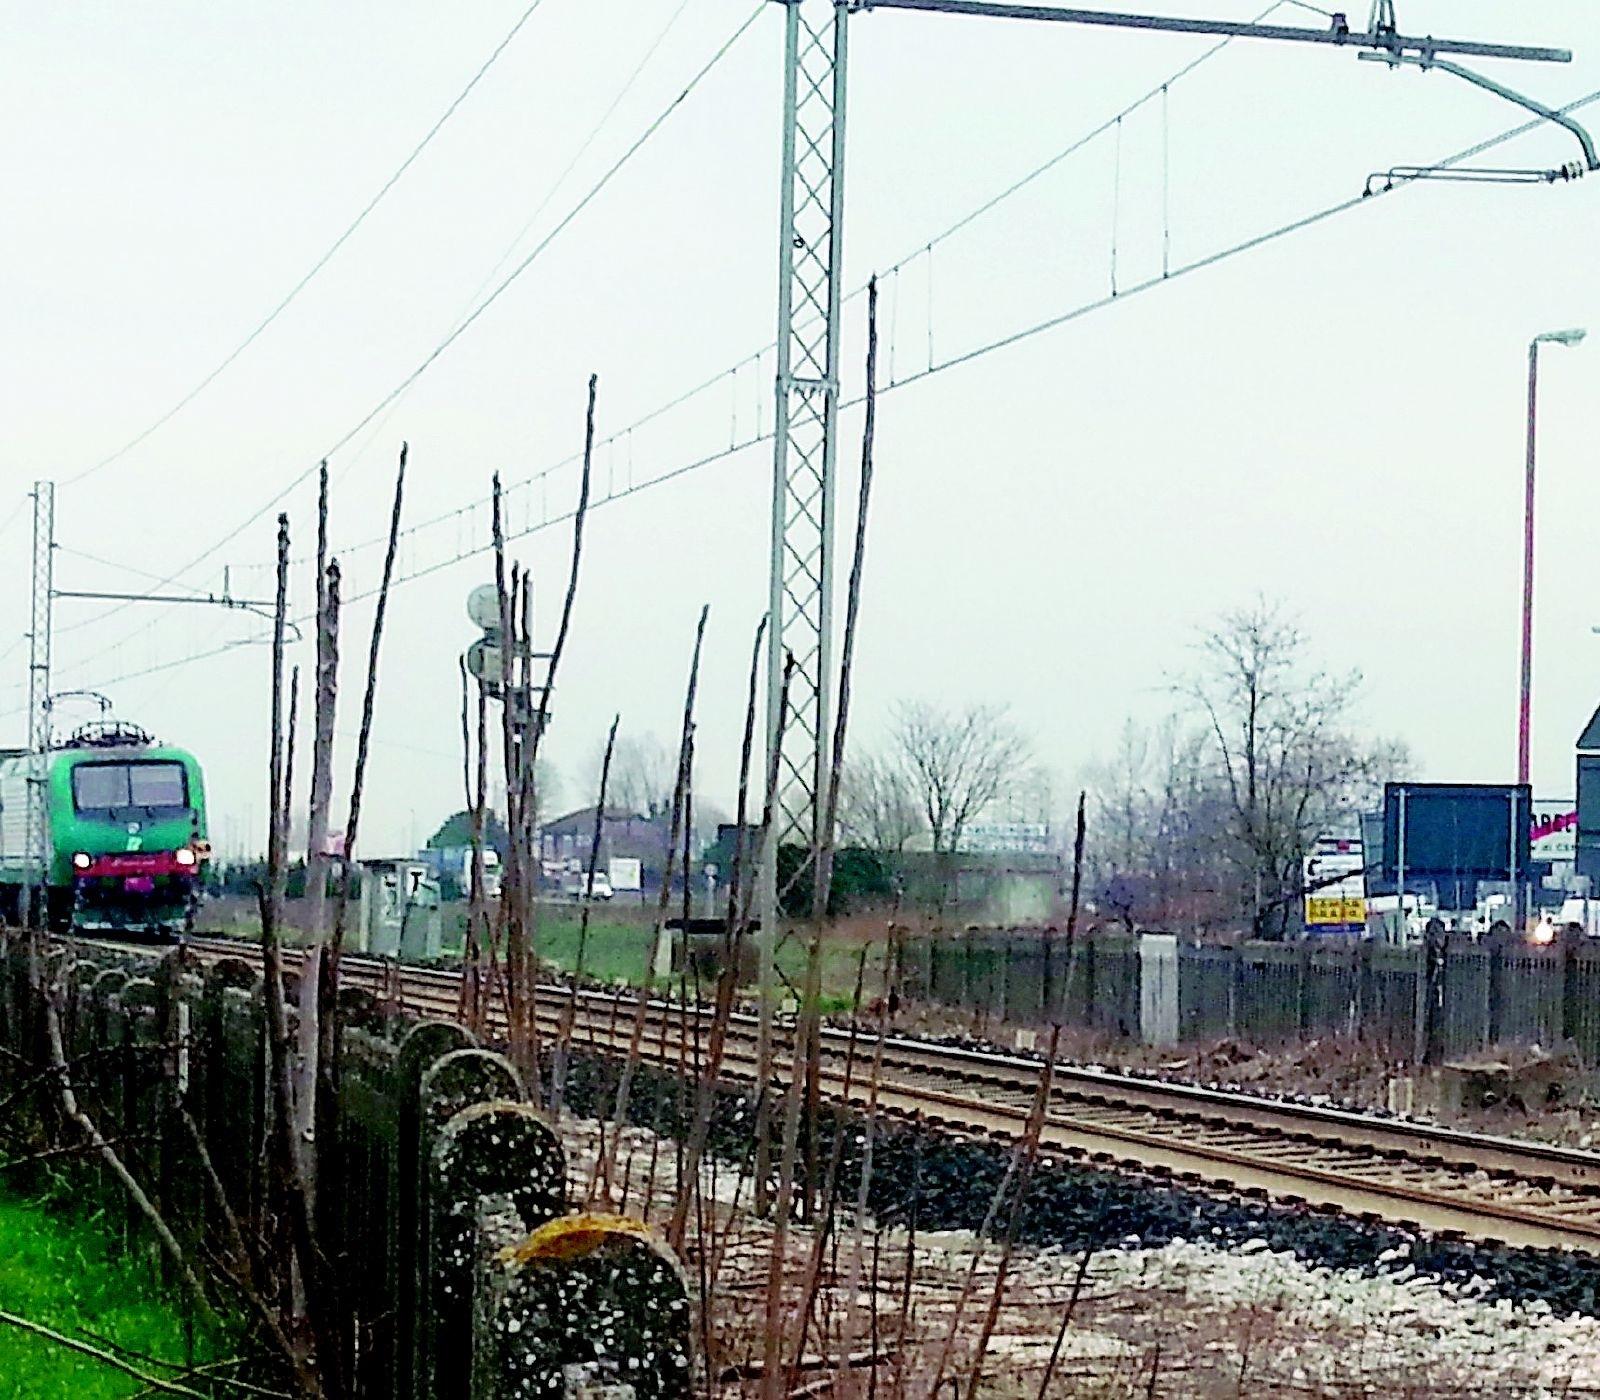 Maltempo, fulmine colpisce un locomotore: treni in ritardo